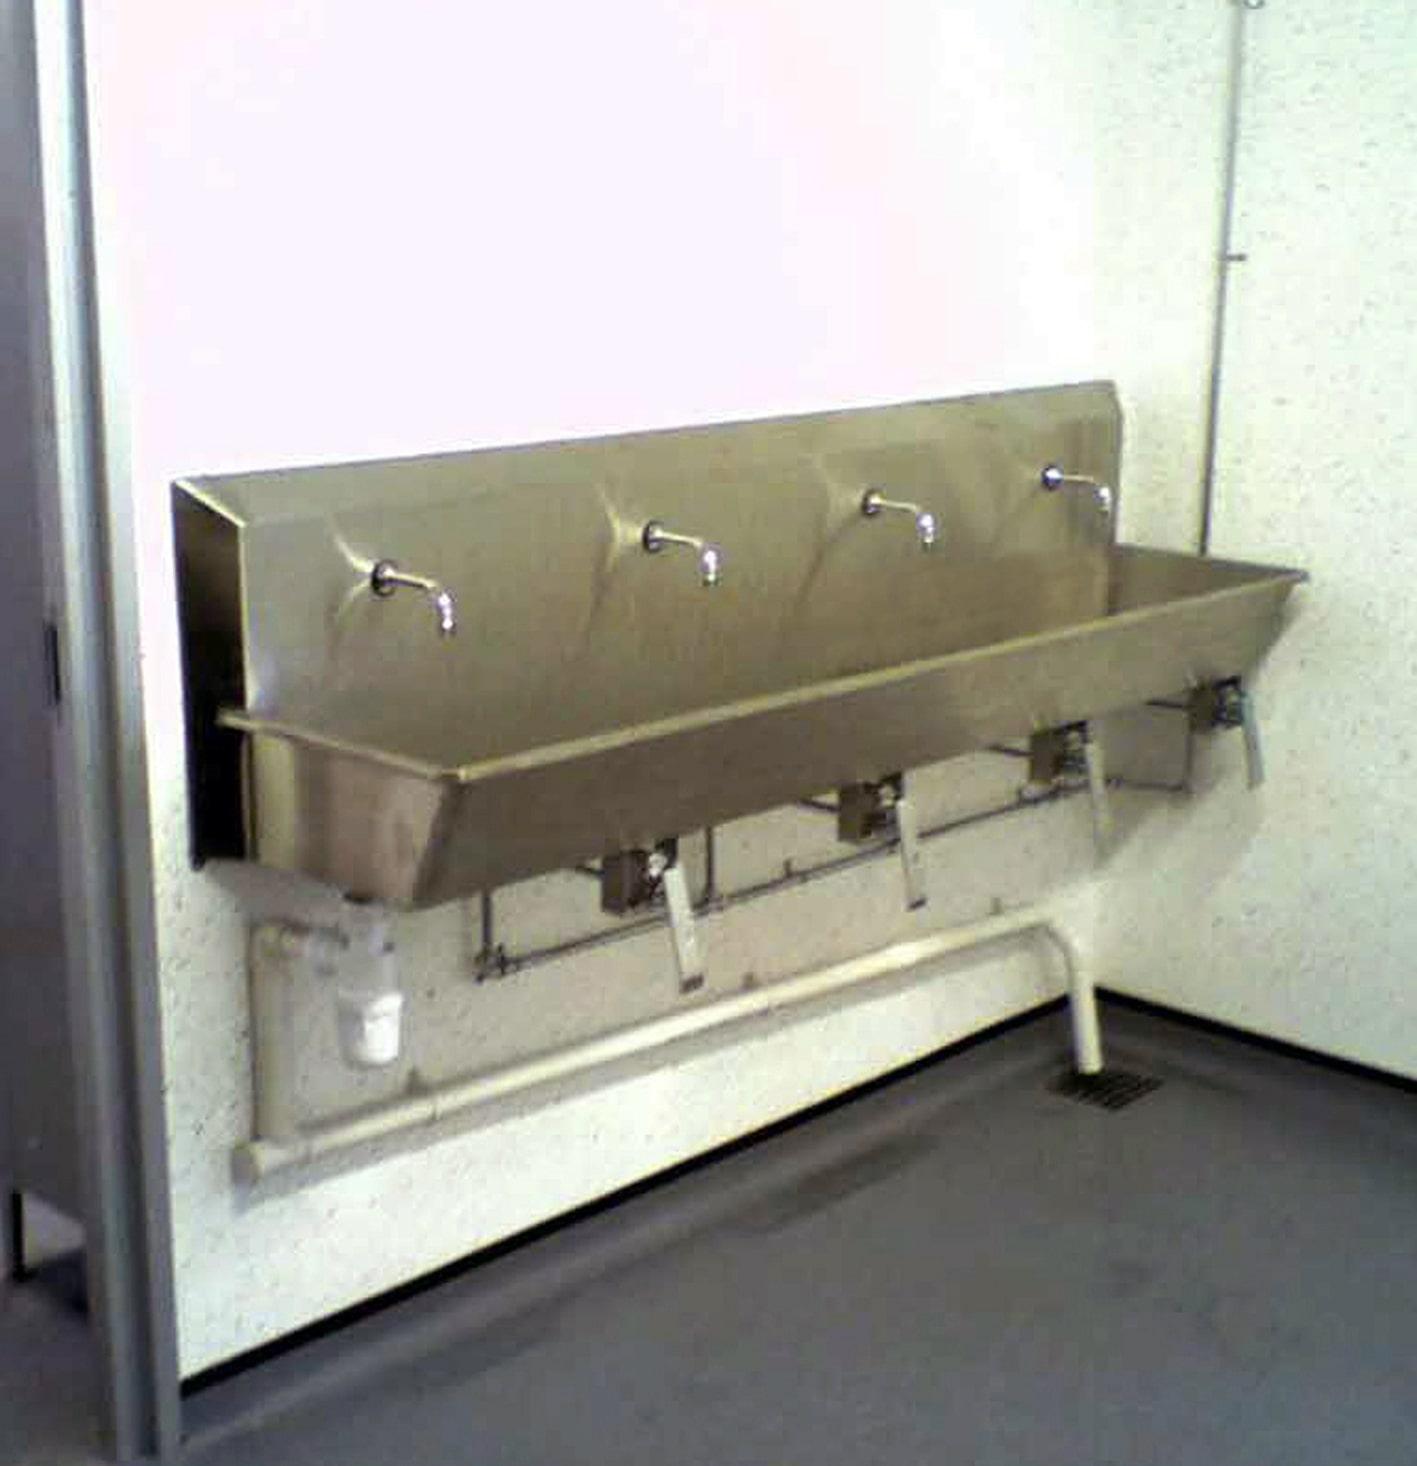 Washroom Products: Stainless Steel Sinks & Washroom Equipment